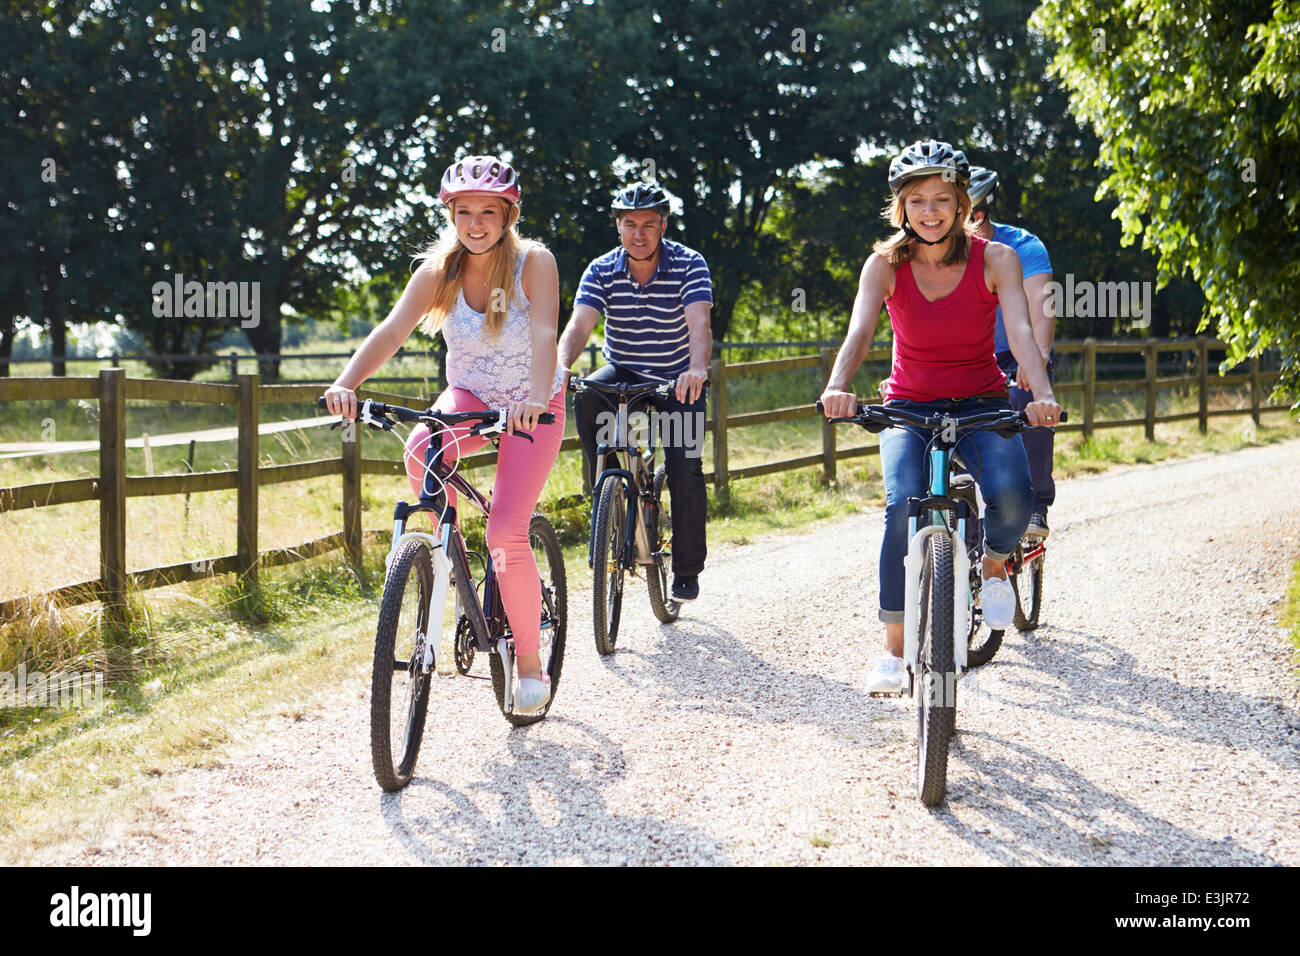 Famiglia con figli adolescenti sul tragitto in bicicletta in campagna Immagini Stock